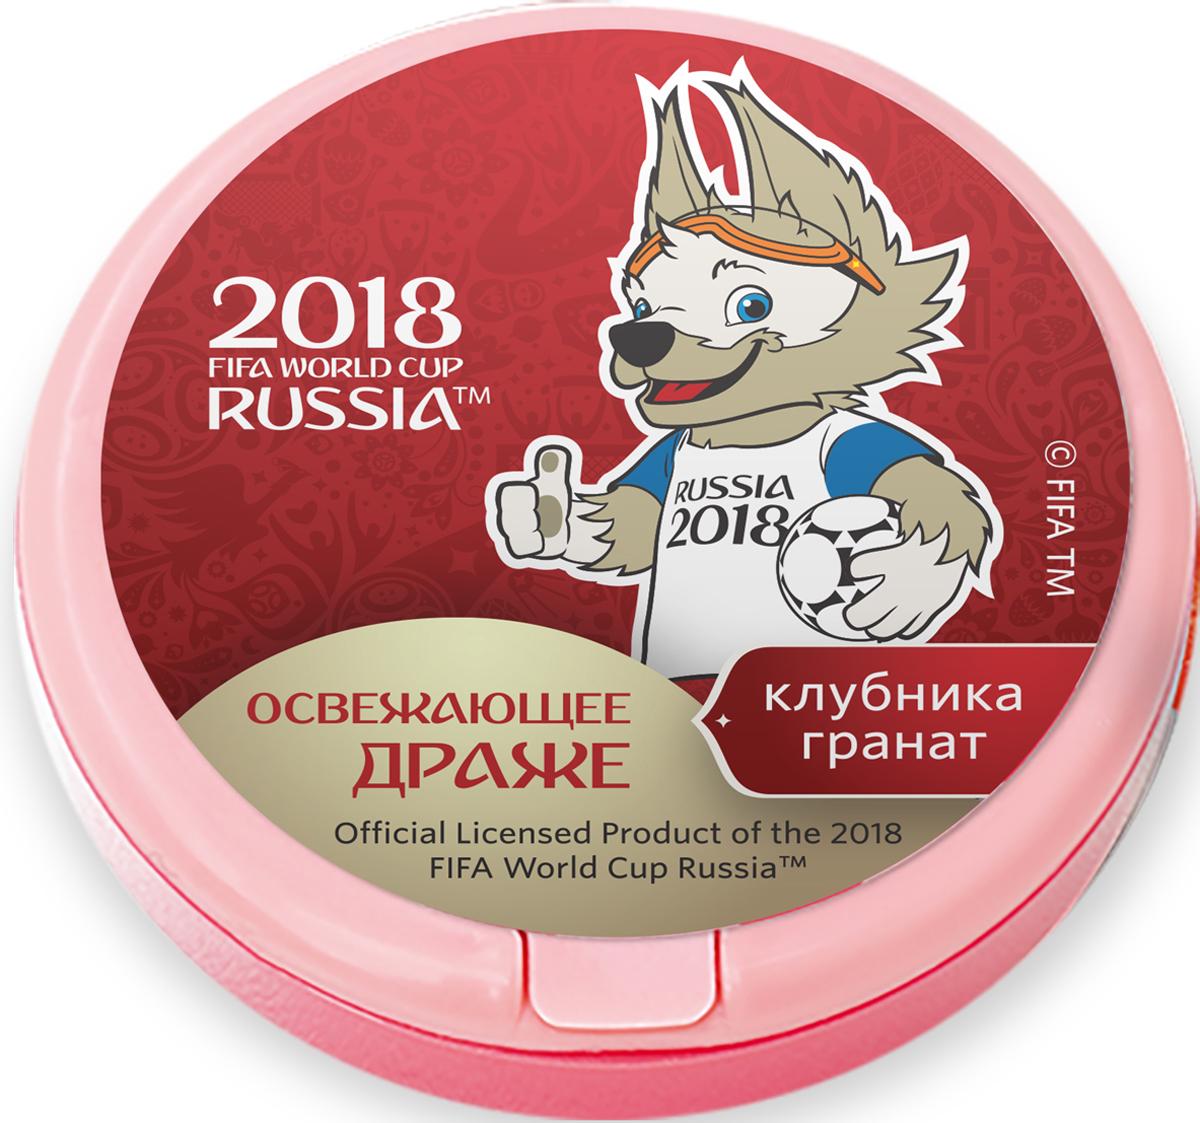 Конфитрейд ЧМ 2018 драже освежающее в ассортименте, 12 г